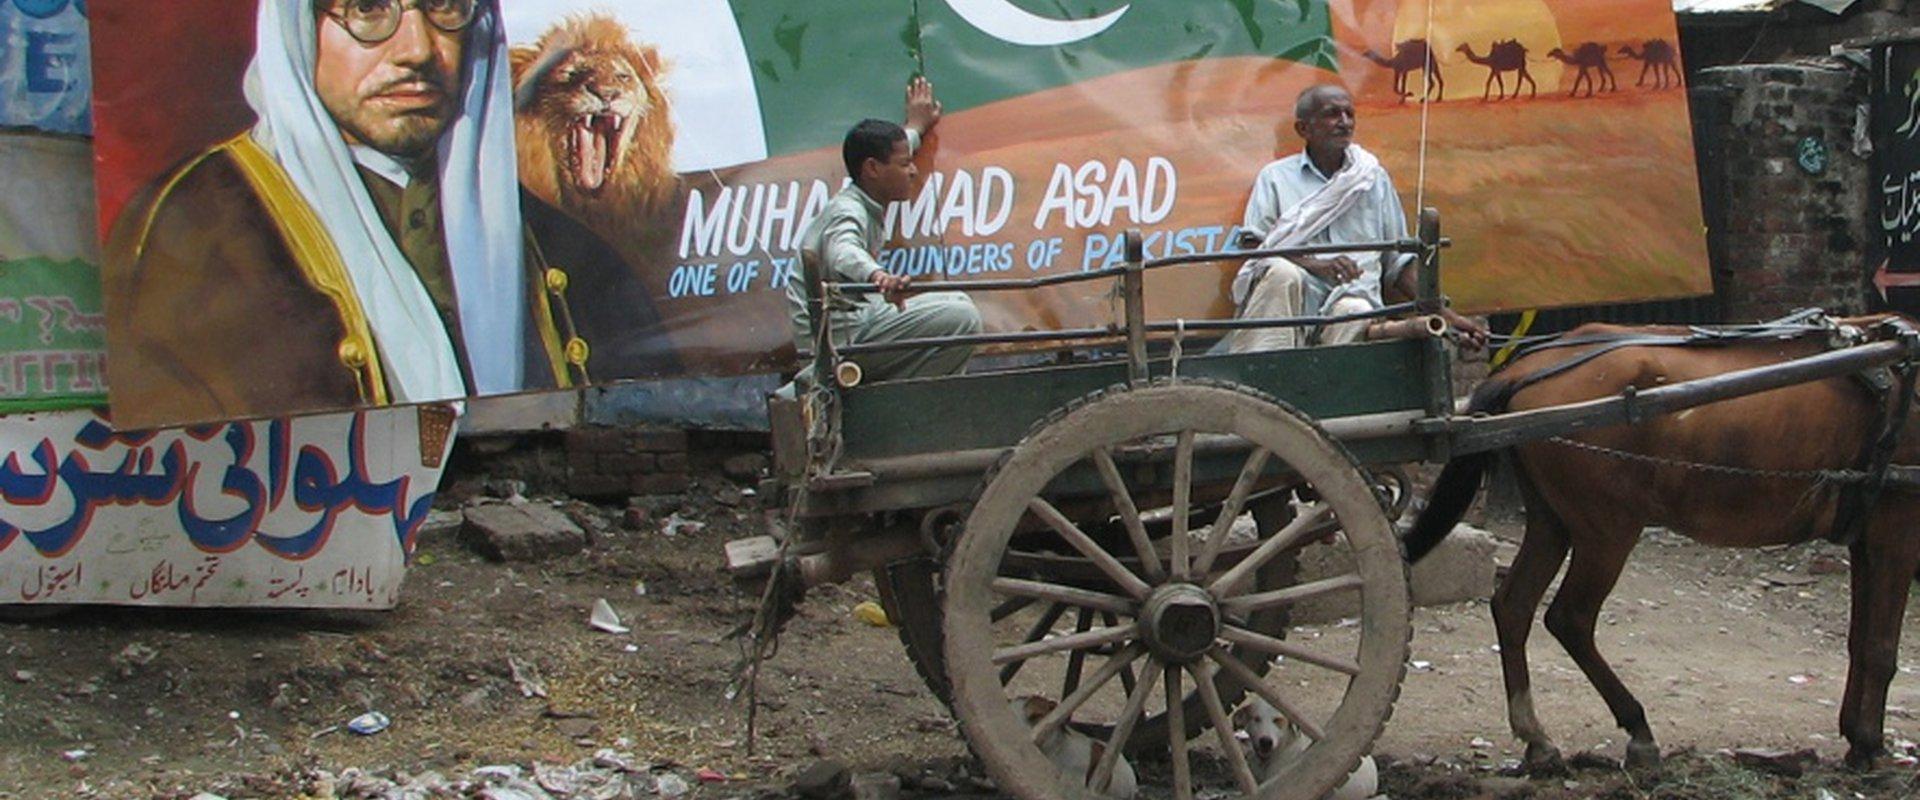 Der Weg nach Mekka - Die Reise des Muhammad Asad